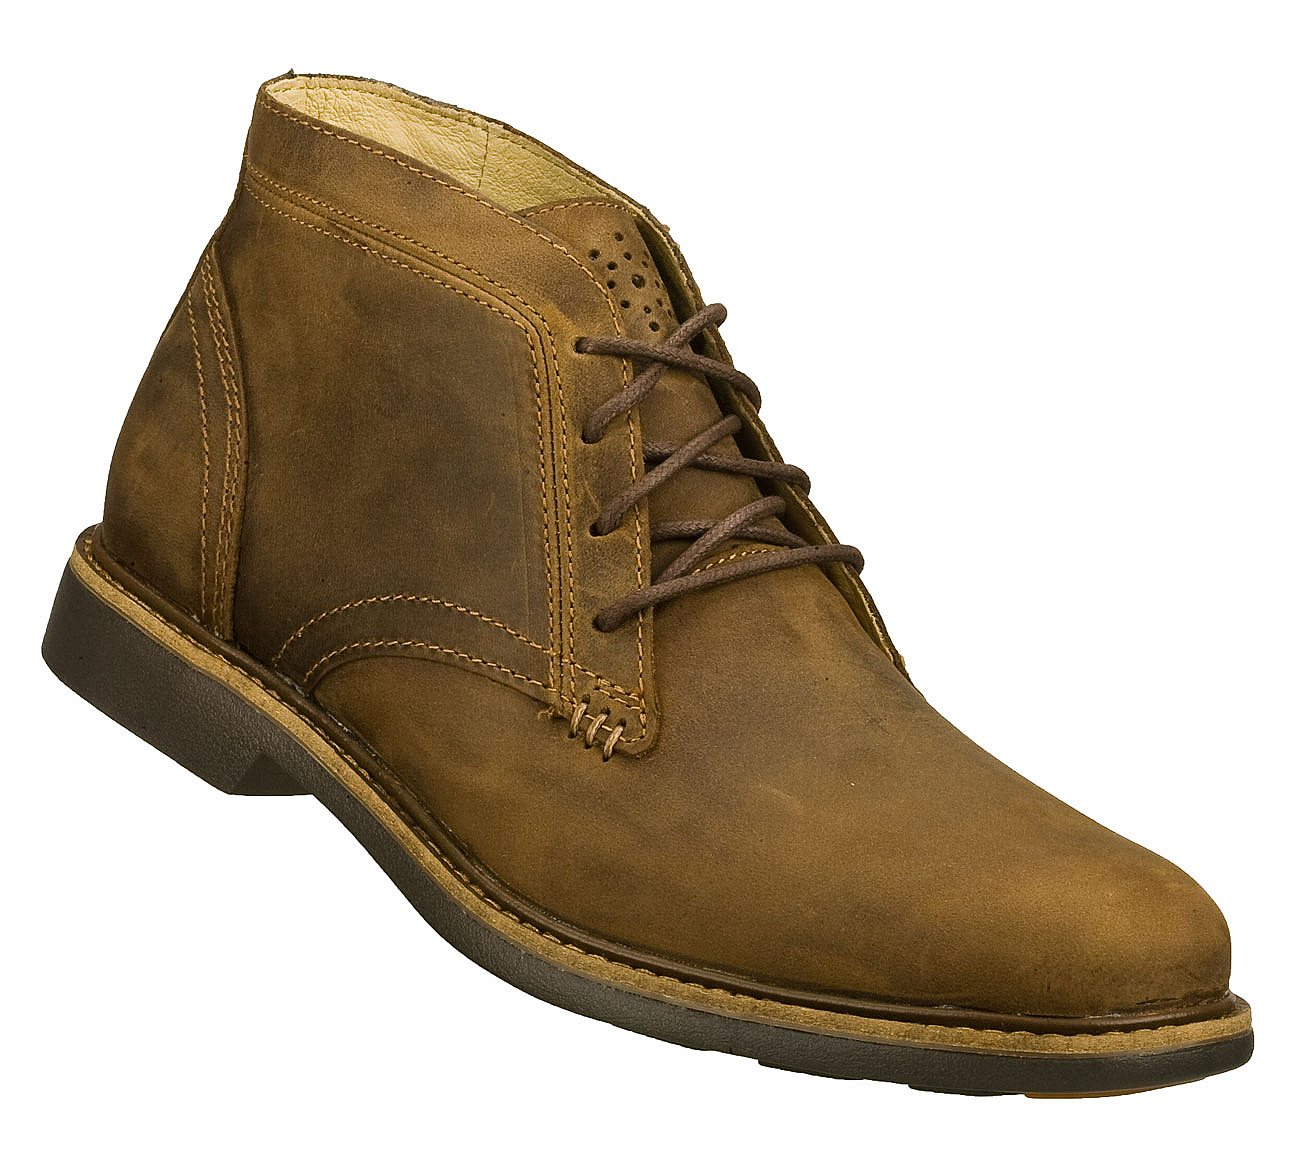 skechers men's on the go chukka boot